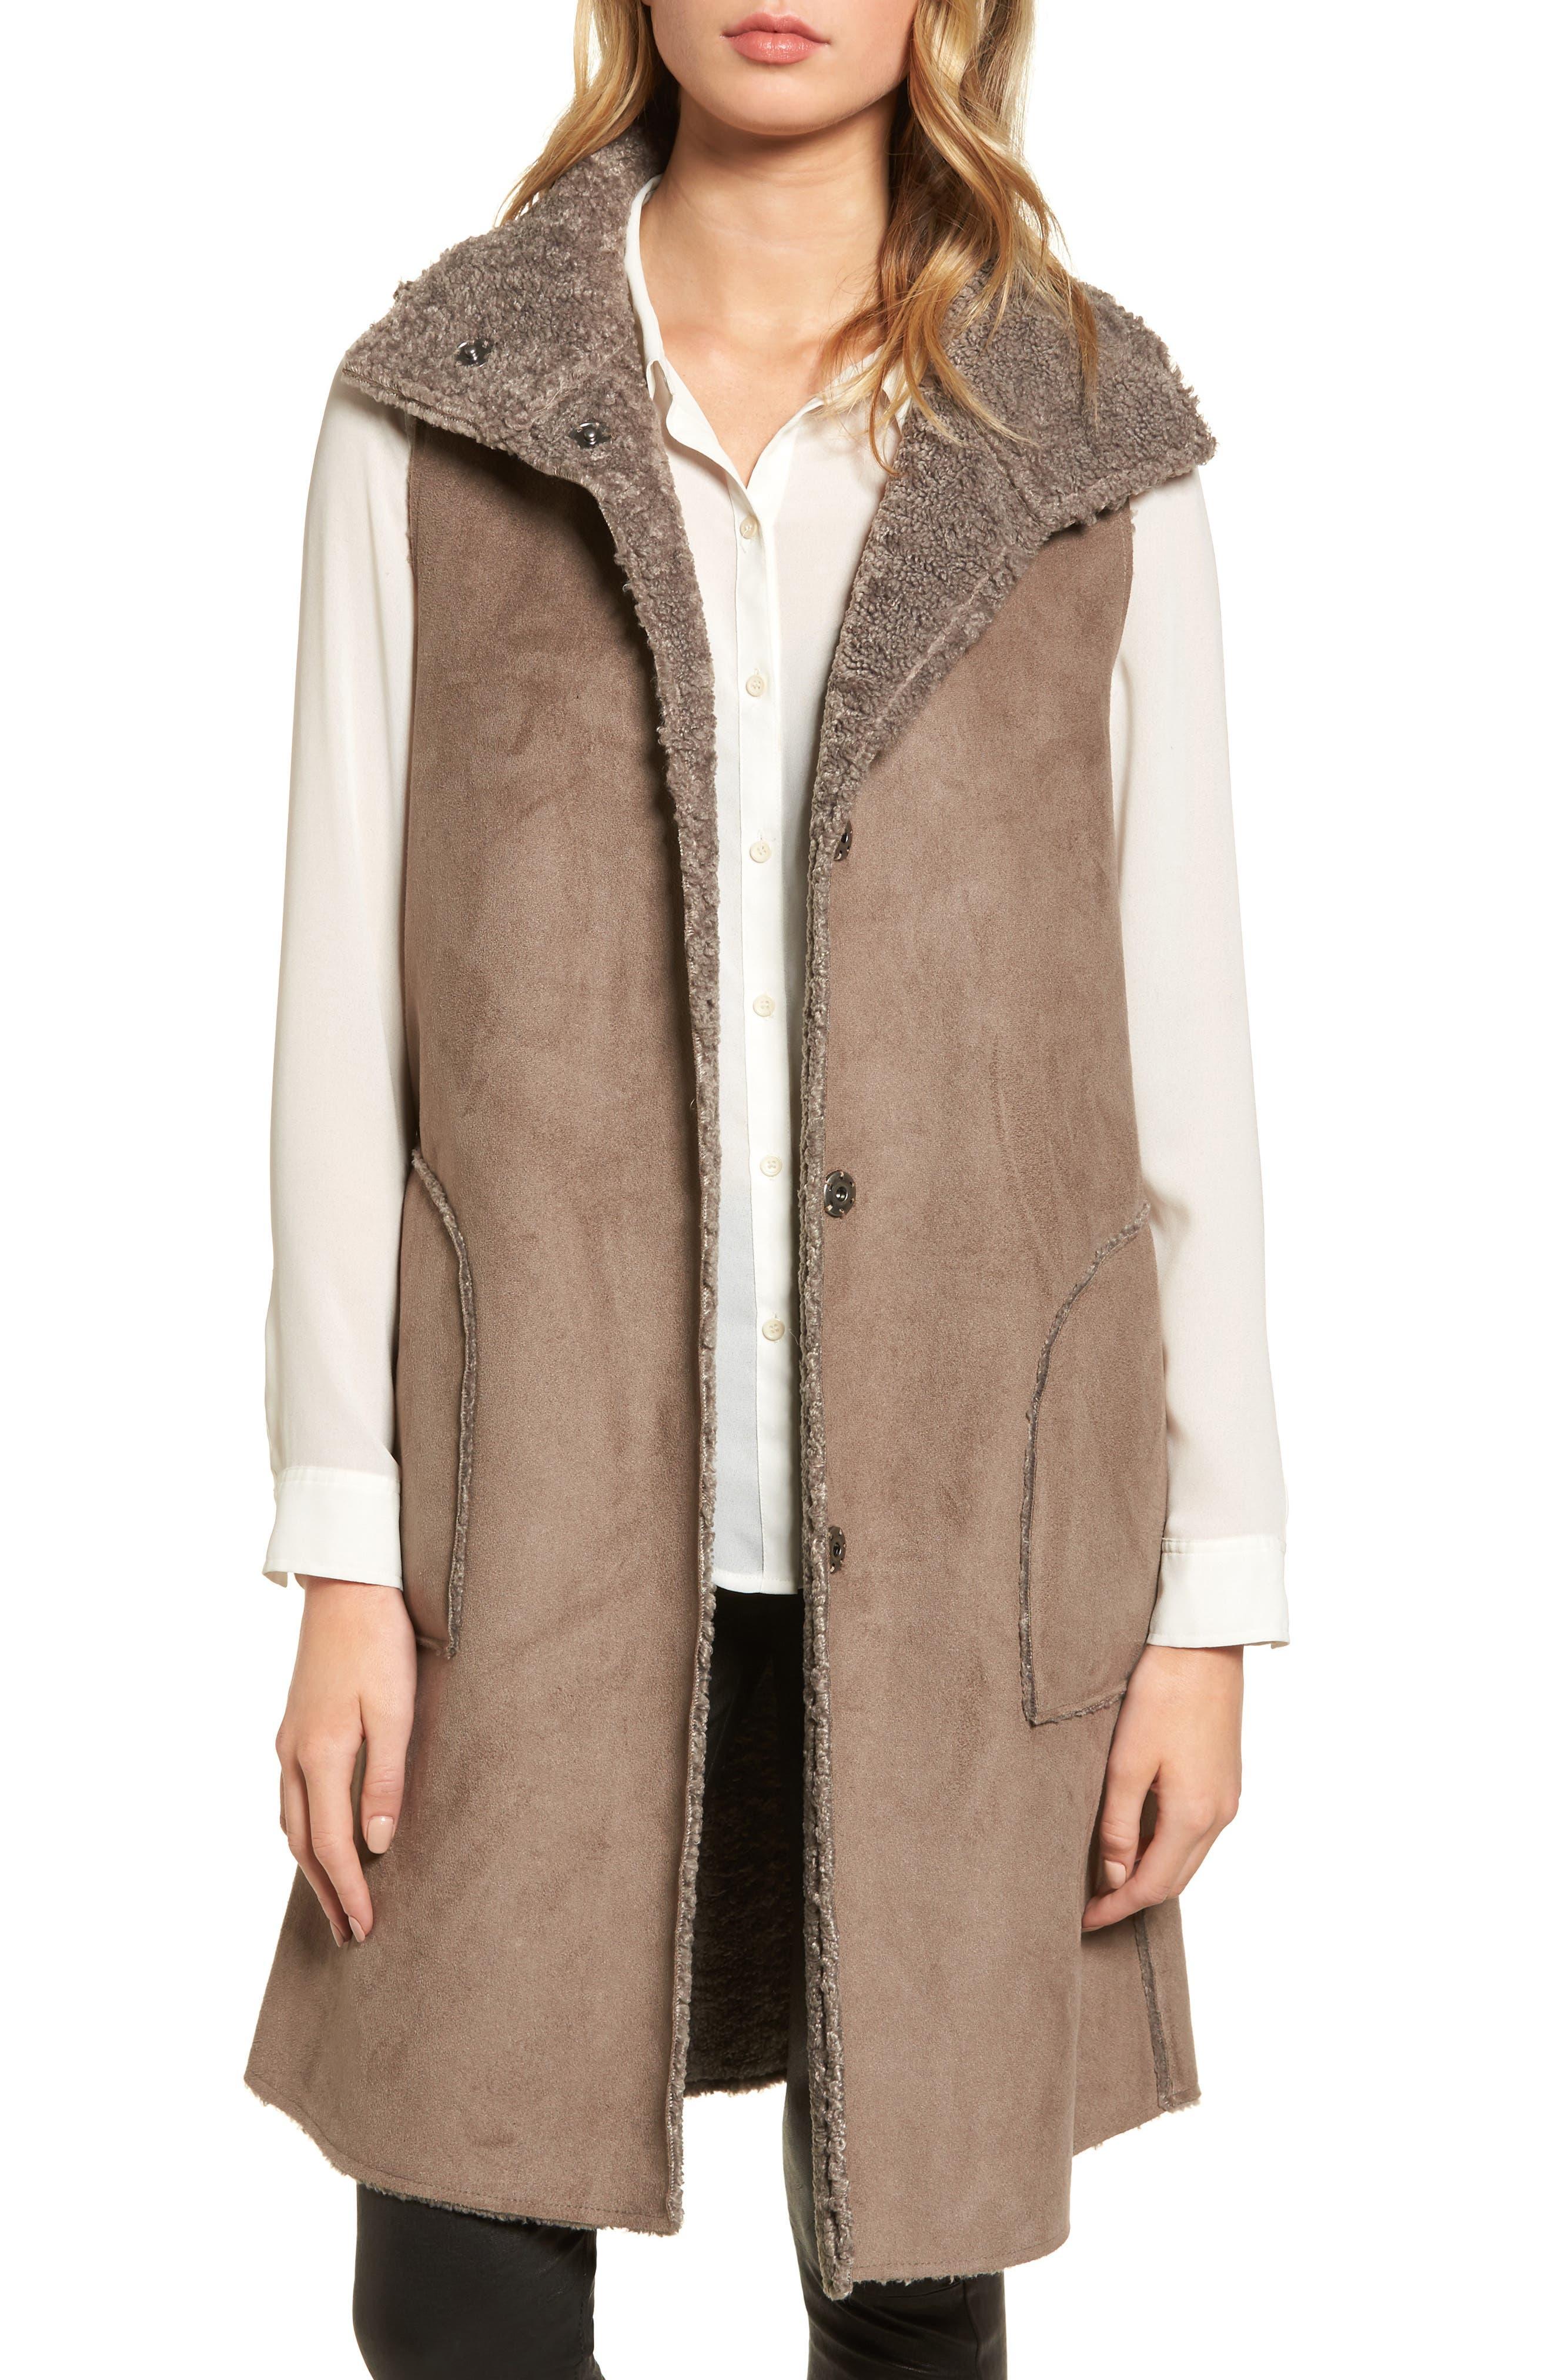 Main Image - Dylan Velvet Reversible Faux Shearling Vest